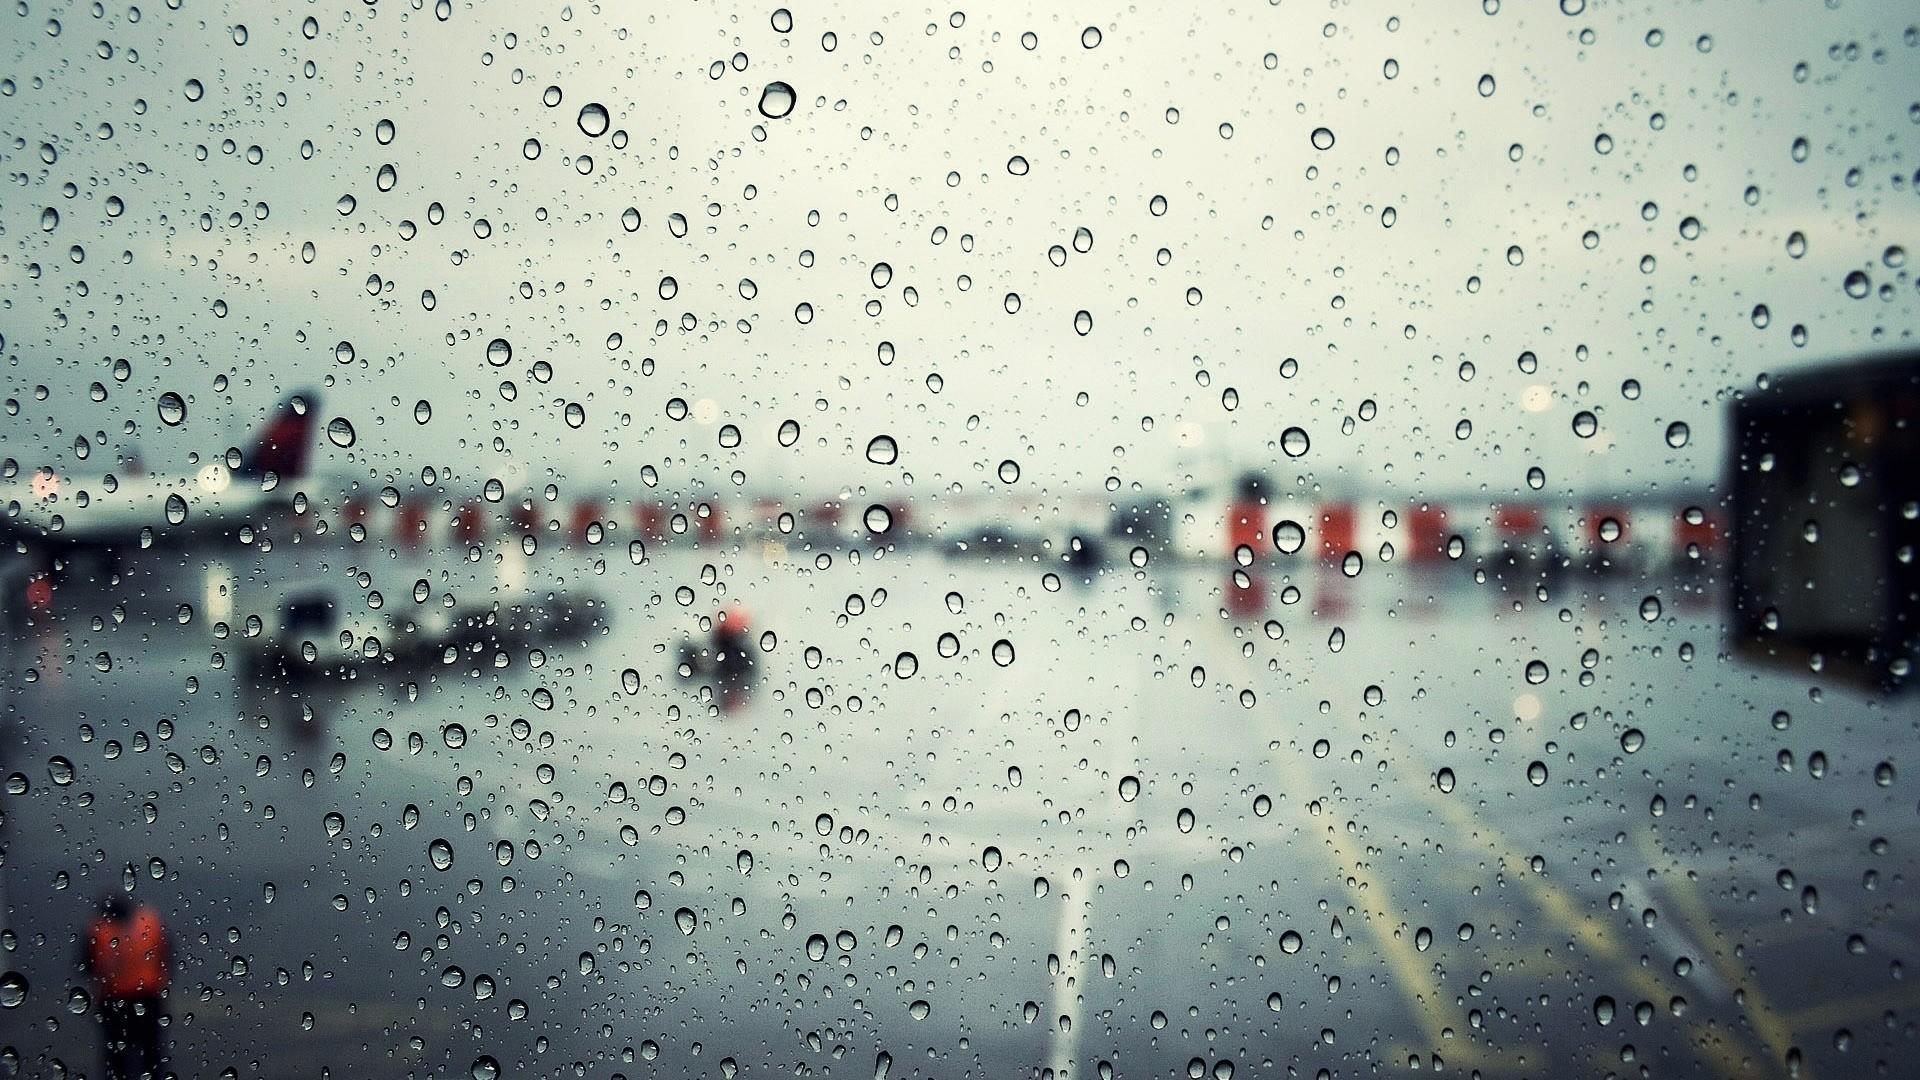 Rain Window Wallpaper